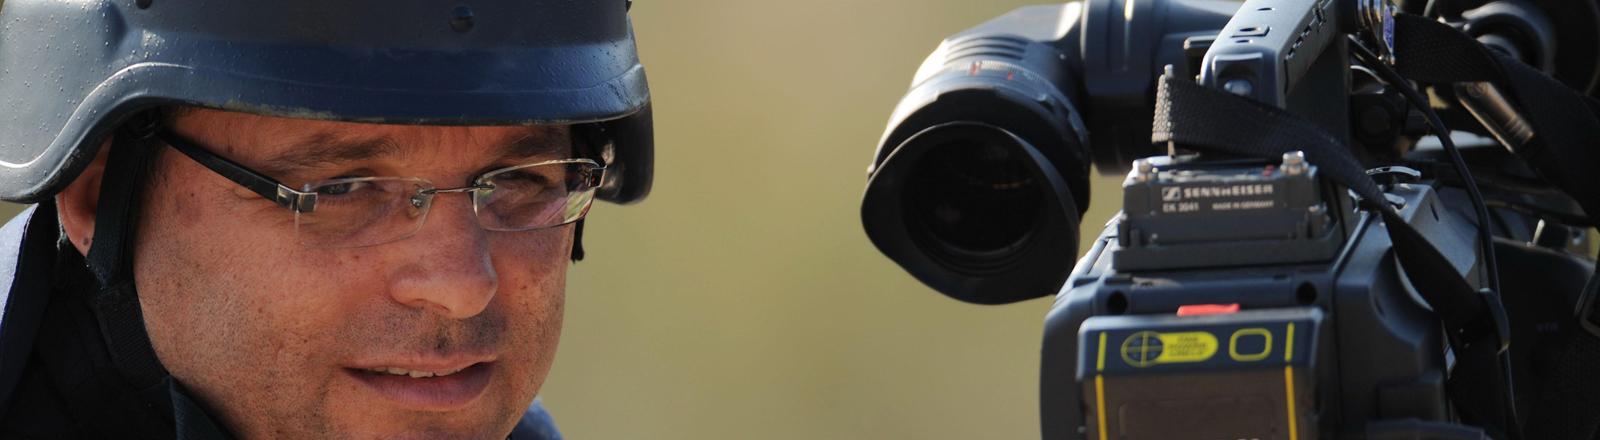 Ein Journalist berichtet aus dem Gaza-Streifen mit Helm und kugelsicherer Weste.